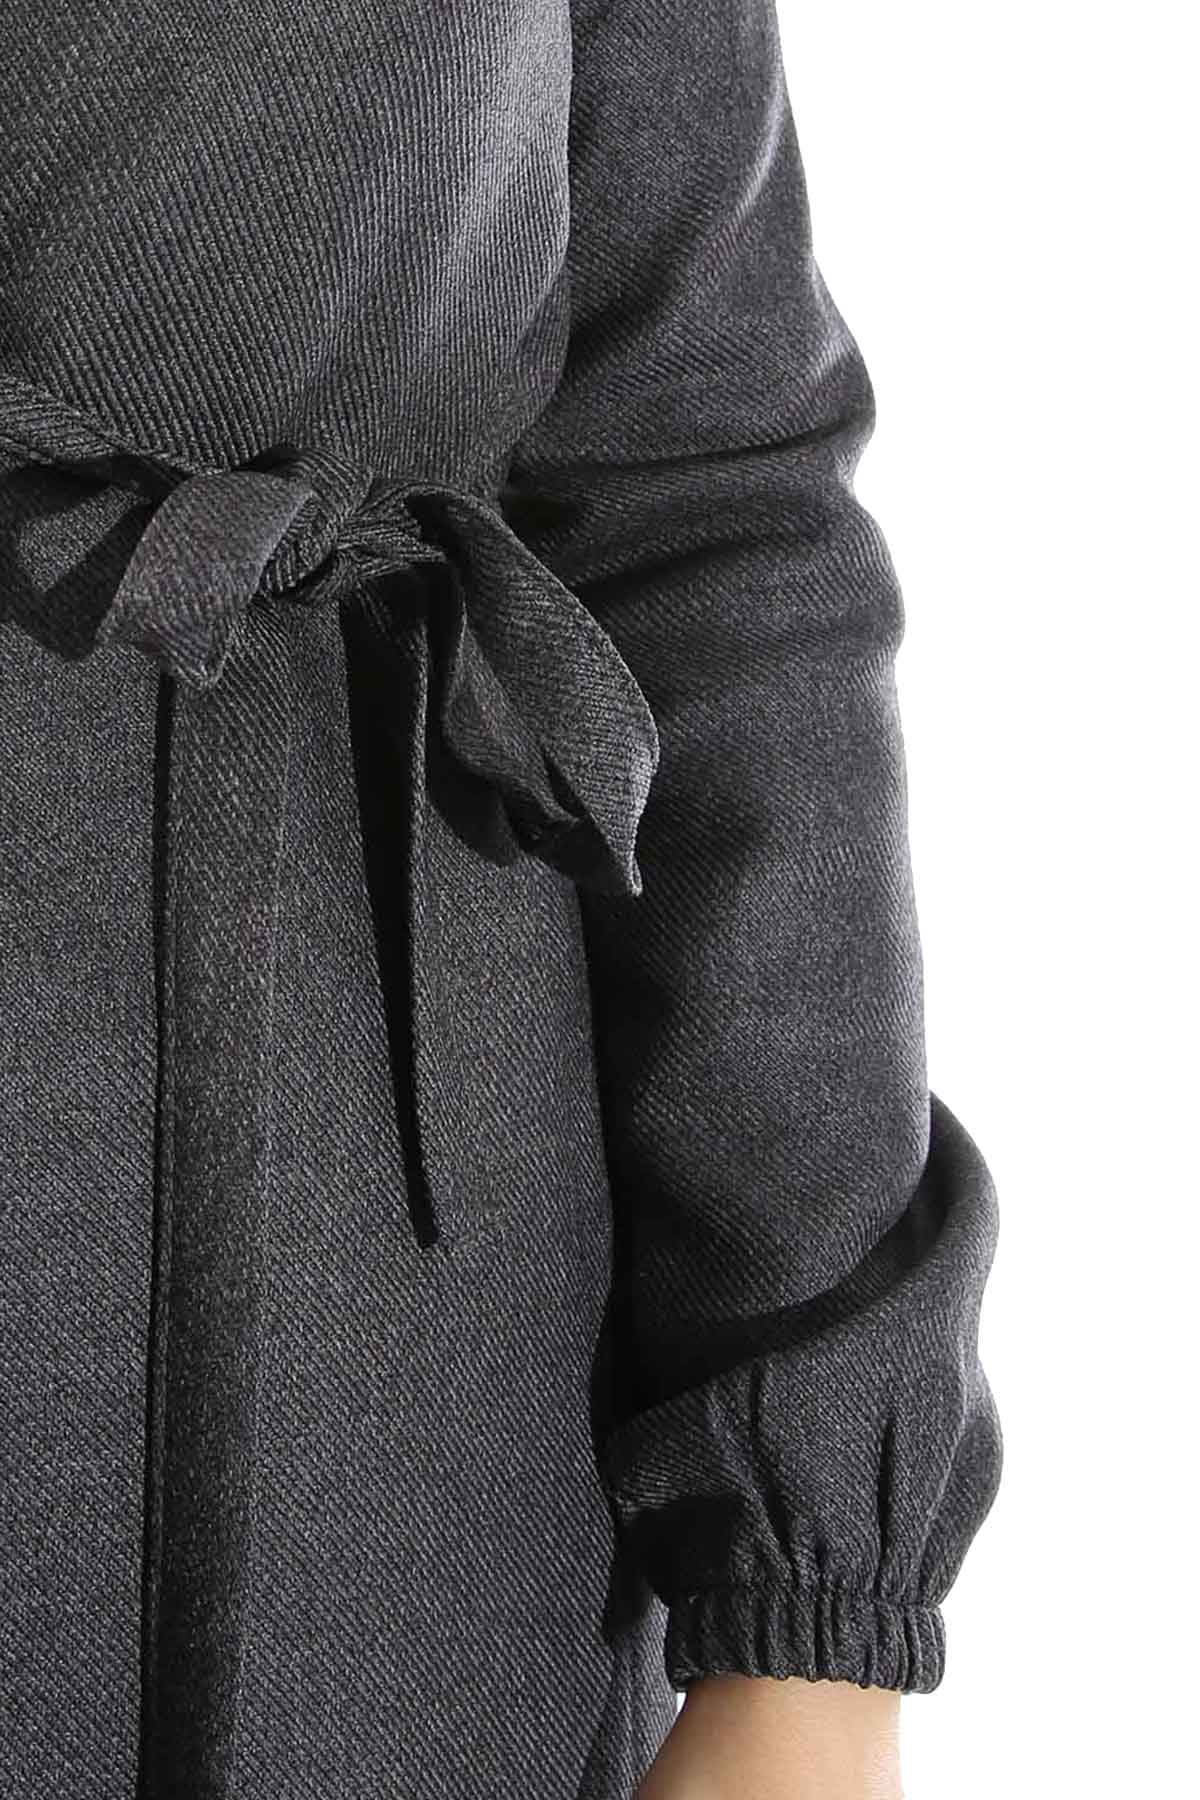 Yandan Bağlamalı Ceket-Antrasit